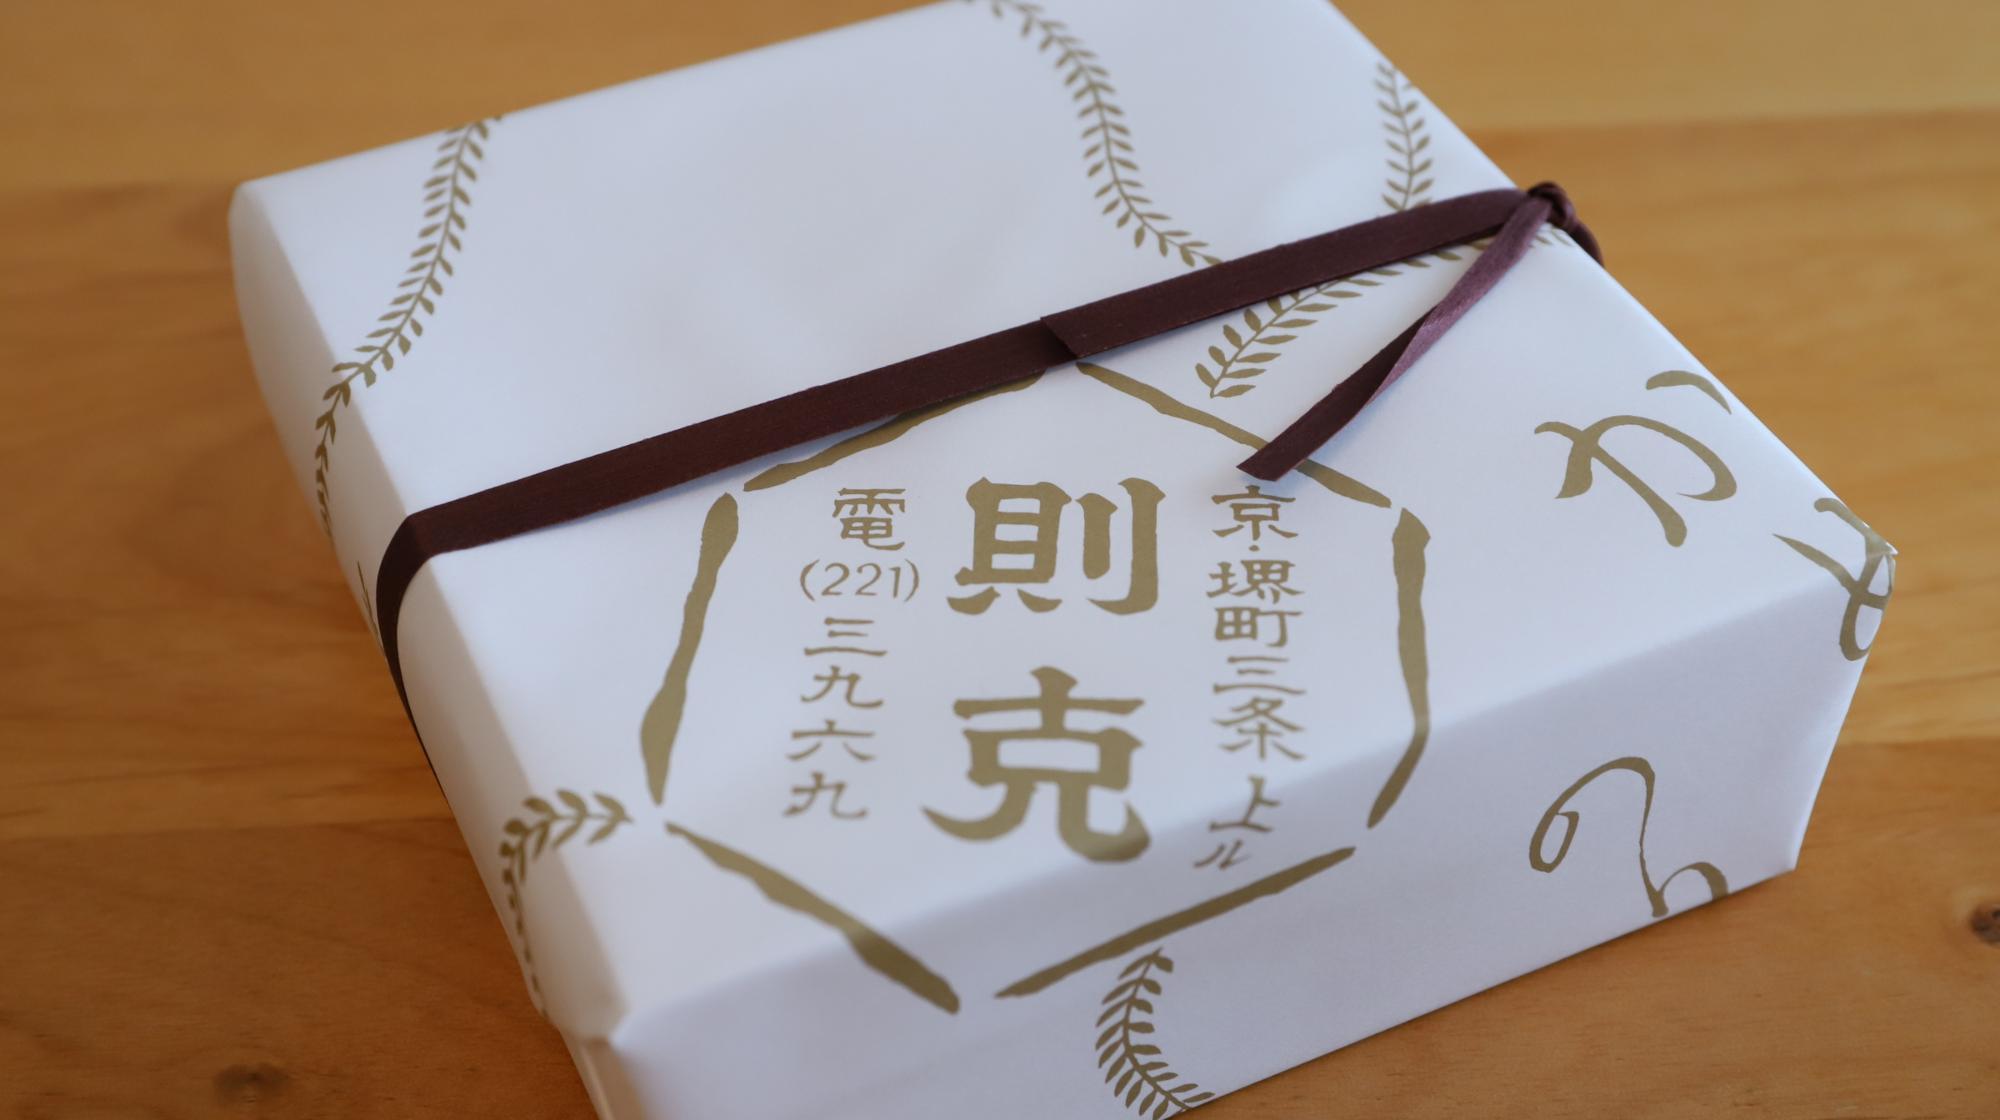 京都、亀屋則克さんの和菓子